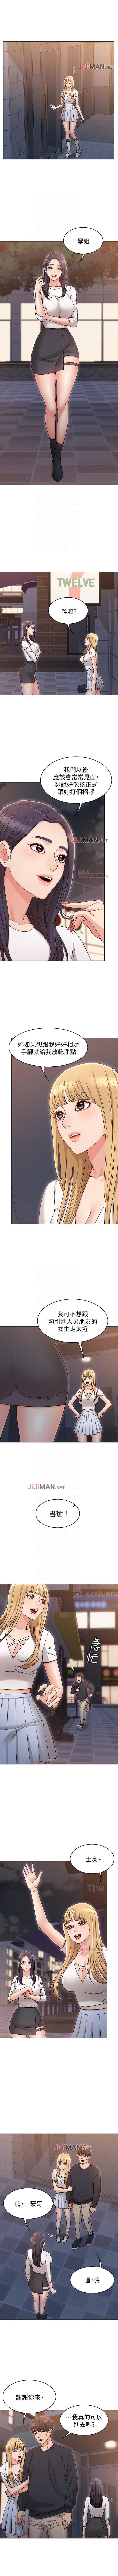 【周六连载】女友的姐姐(作者:橡果人&獵狗) 第1~23话 127